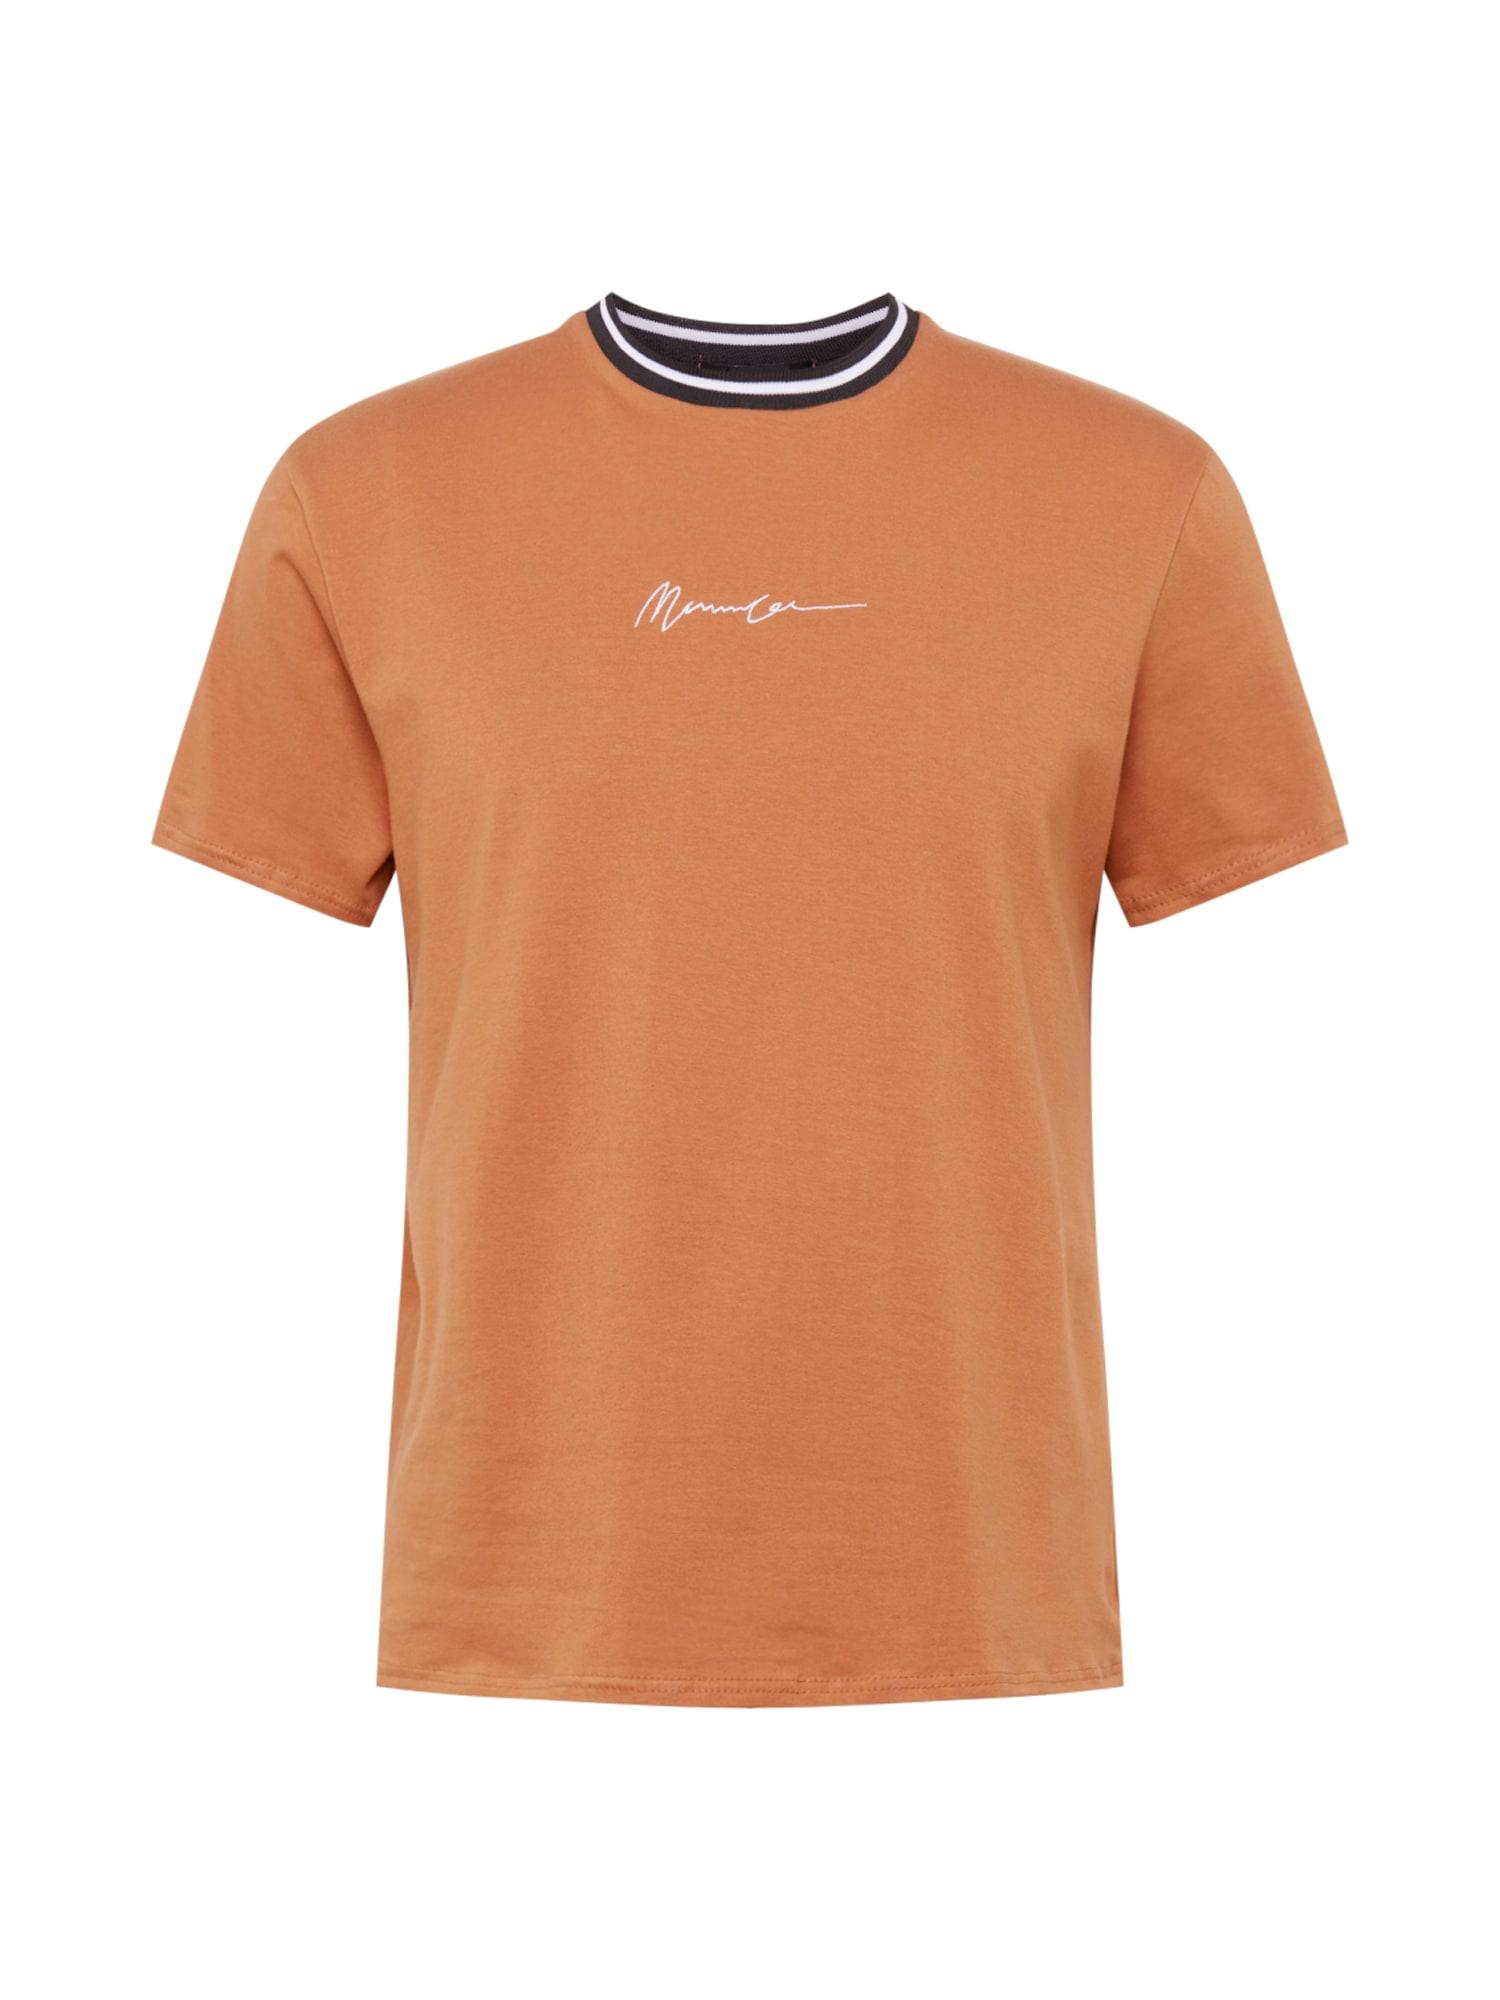 Mennace Marškinėliai gelsvai pilka spalva / balta / juoda